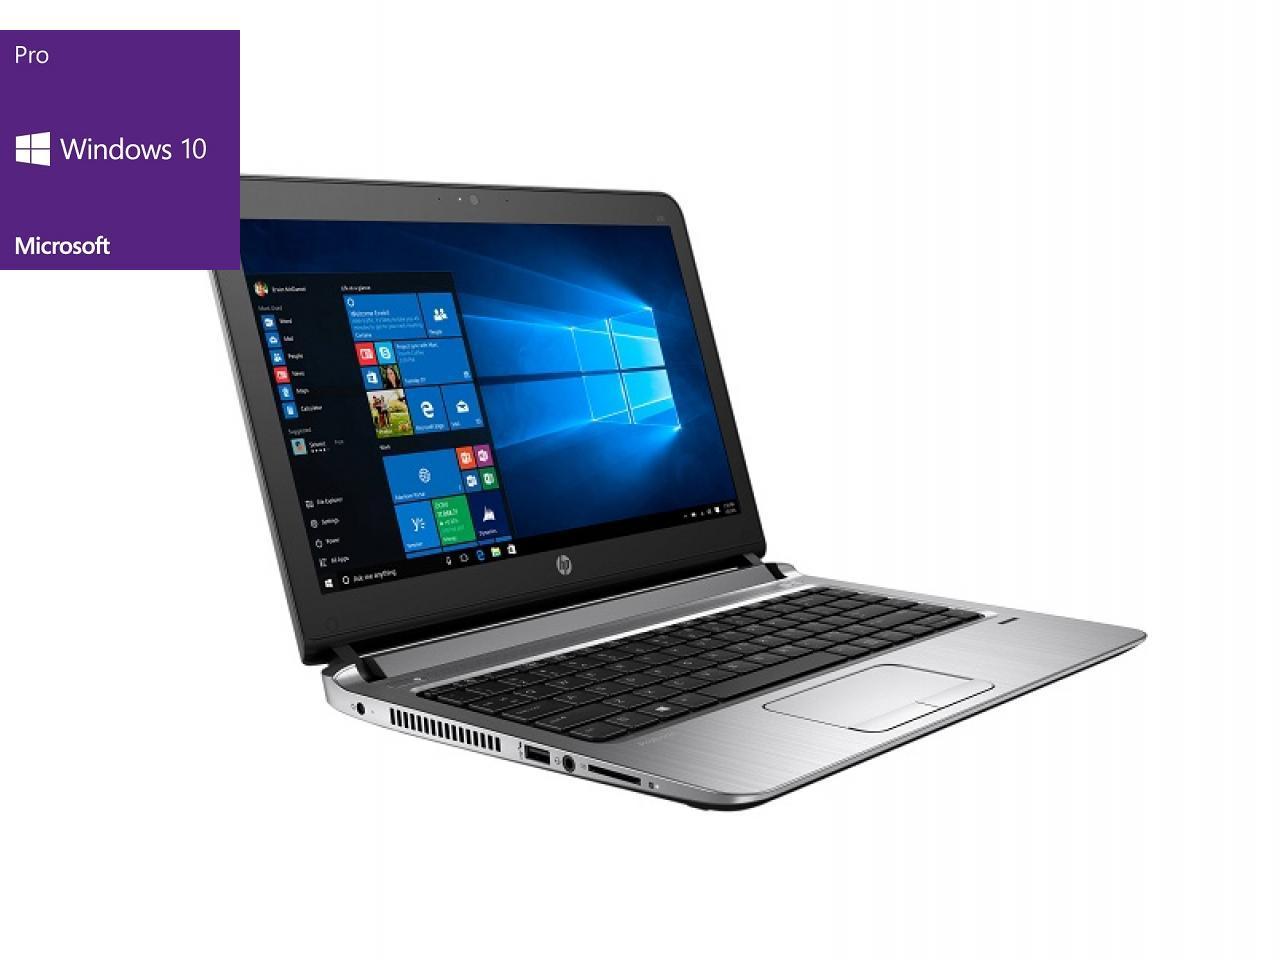 Hewlett Packard ProBook 430 G3